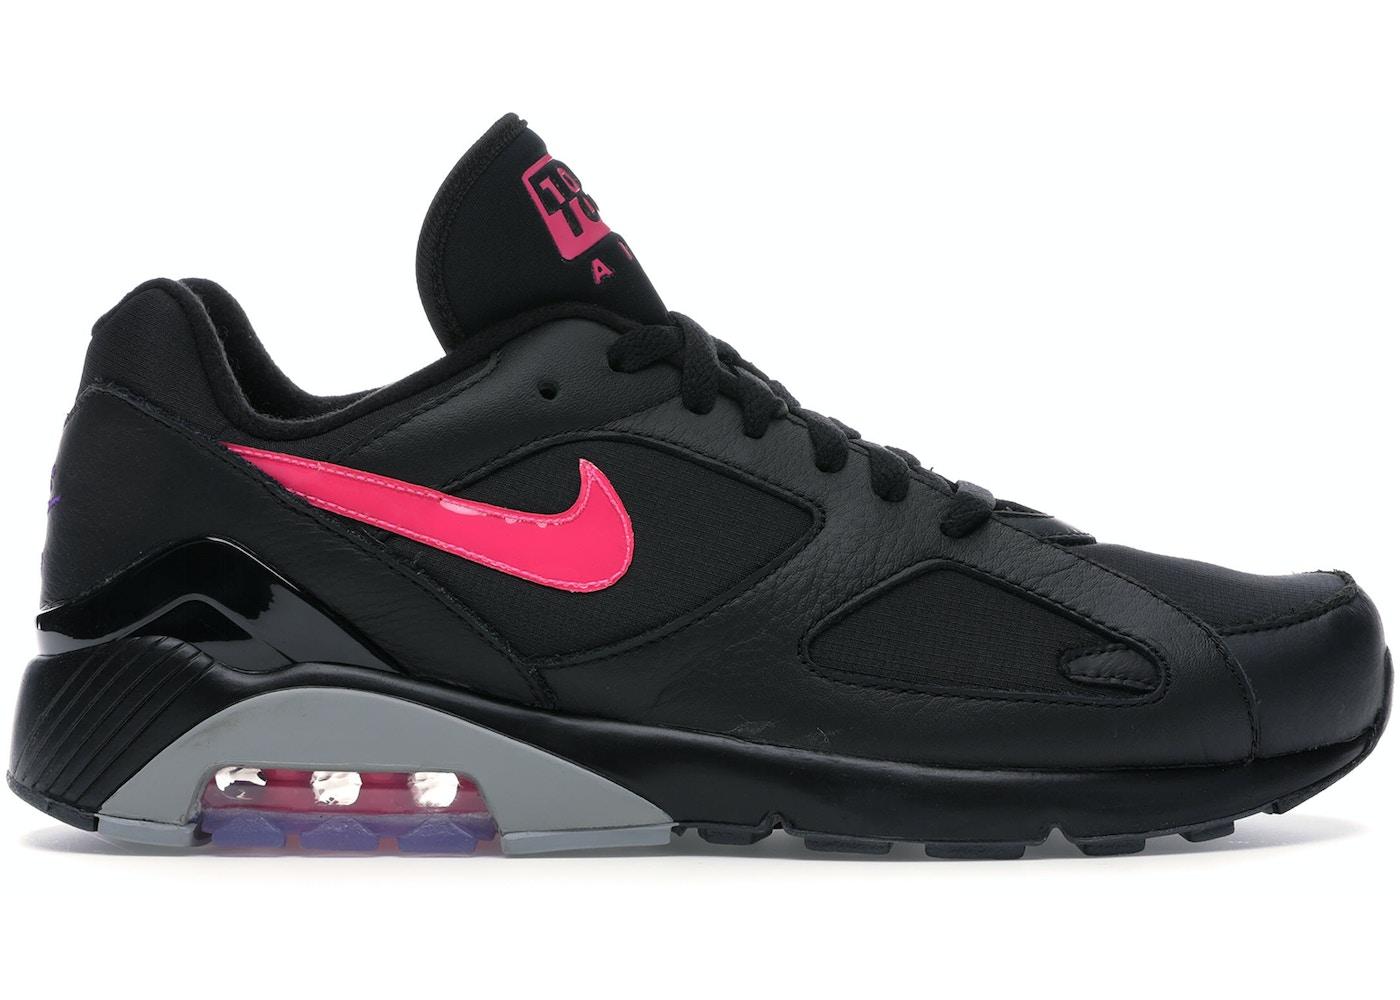 9850a9c1 Air Max 180 Black Pink Blast - AQ9974-001